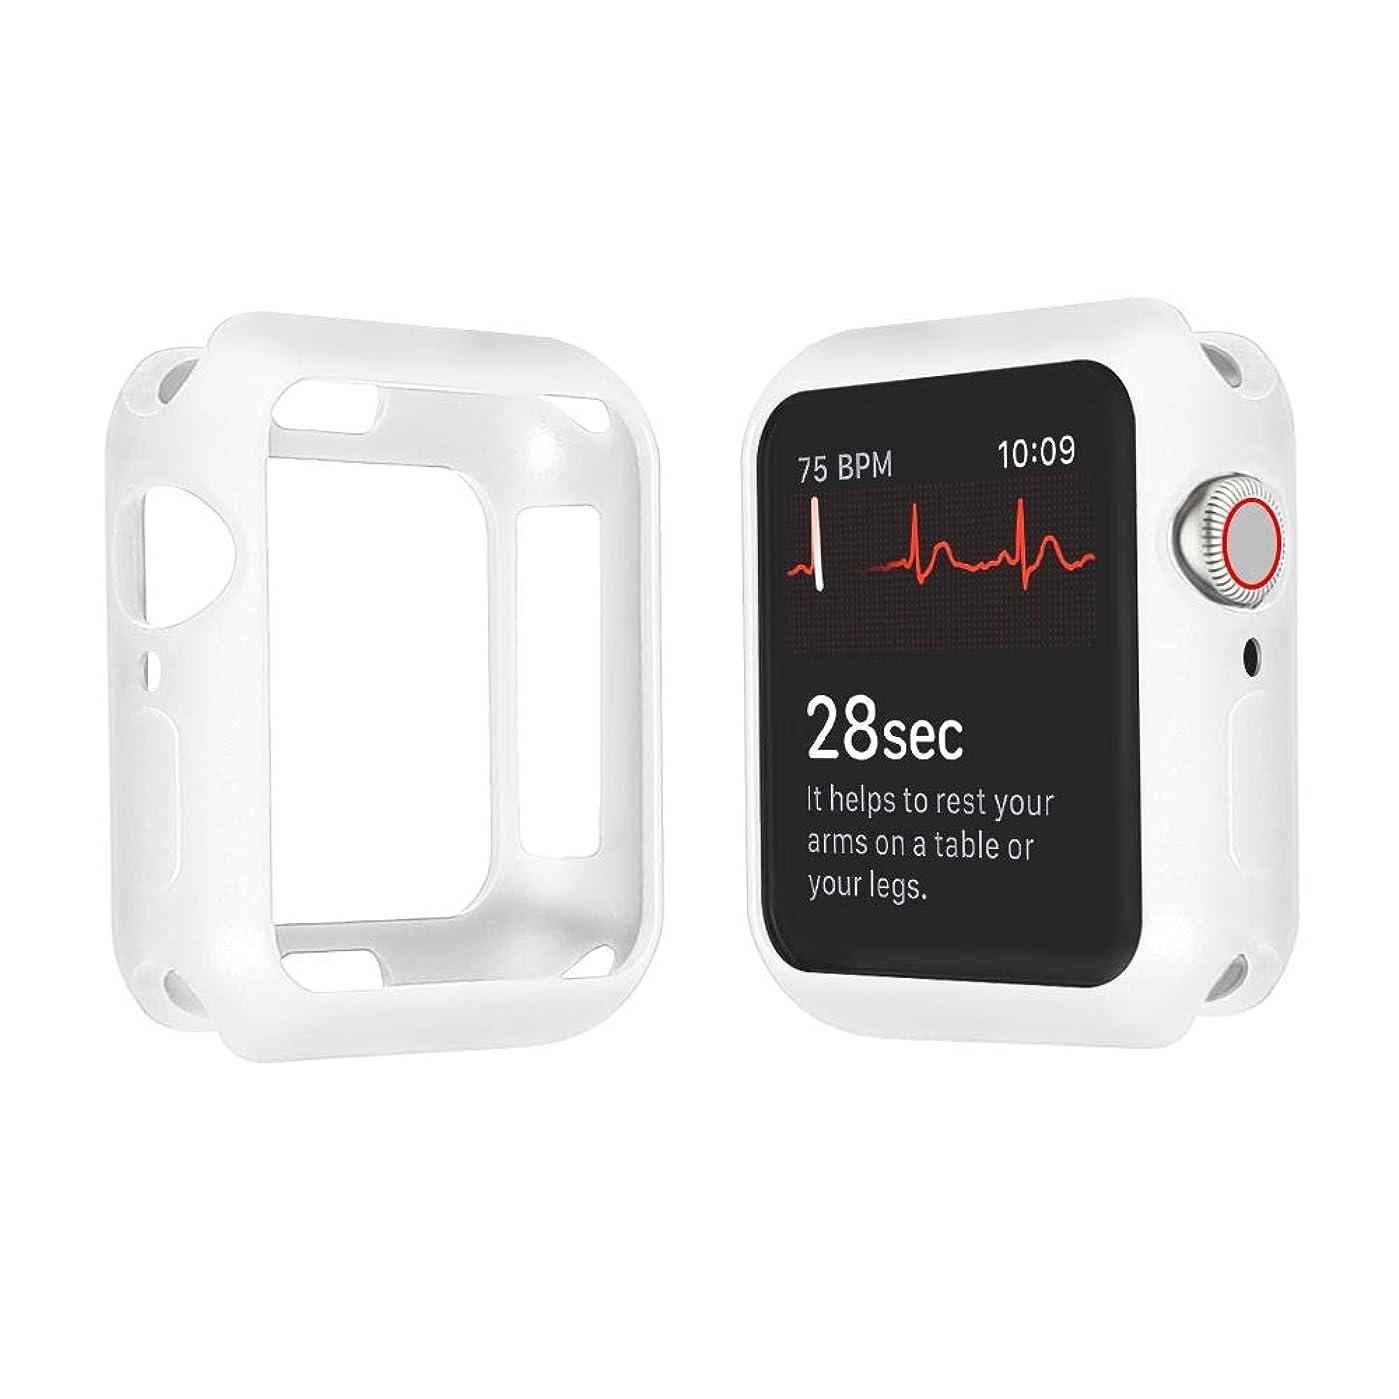 スリル同性愛者馬力Apple Watch ケース 40mm Series4 磨砂 TPU ケース 脱着簡単 柔軟 耐衝撃ケース 落下防止 傷防止 Case アップルウォッチ シリーズ 4 (40mm, 白)